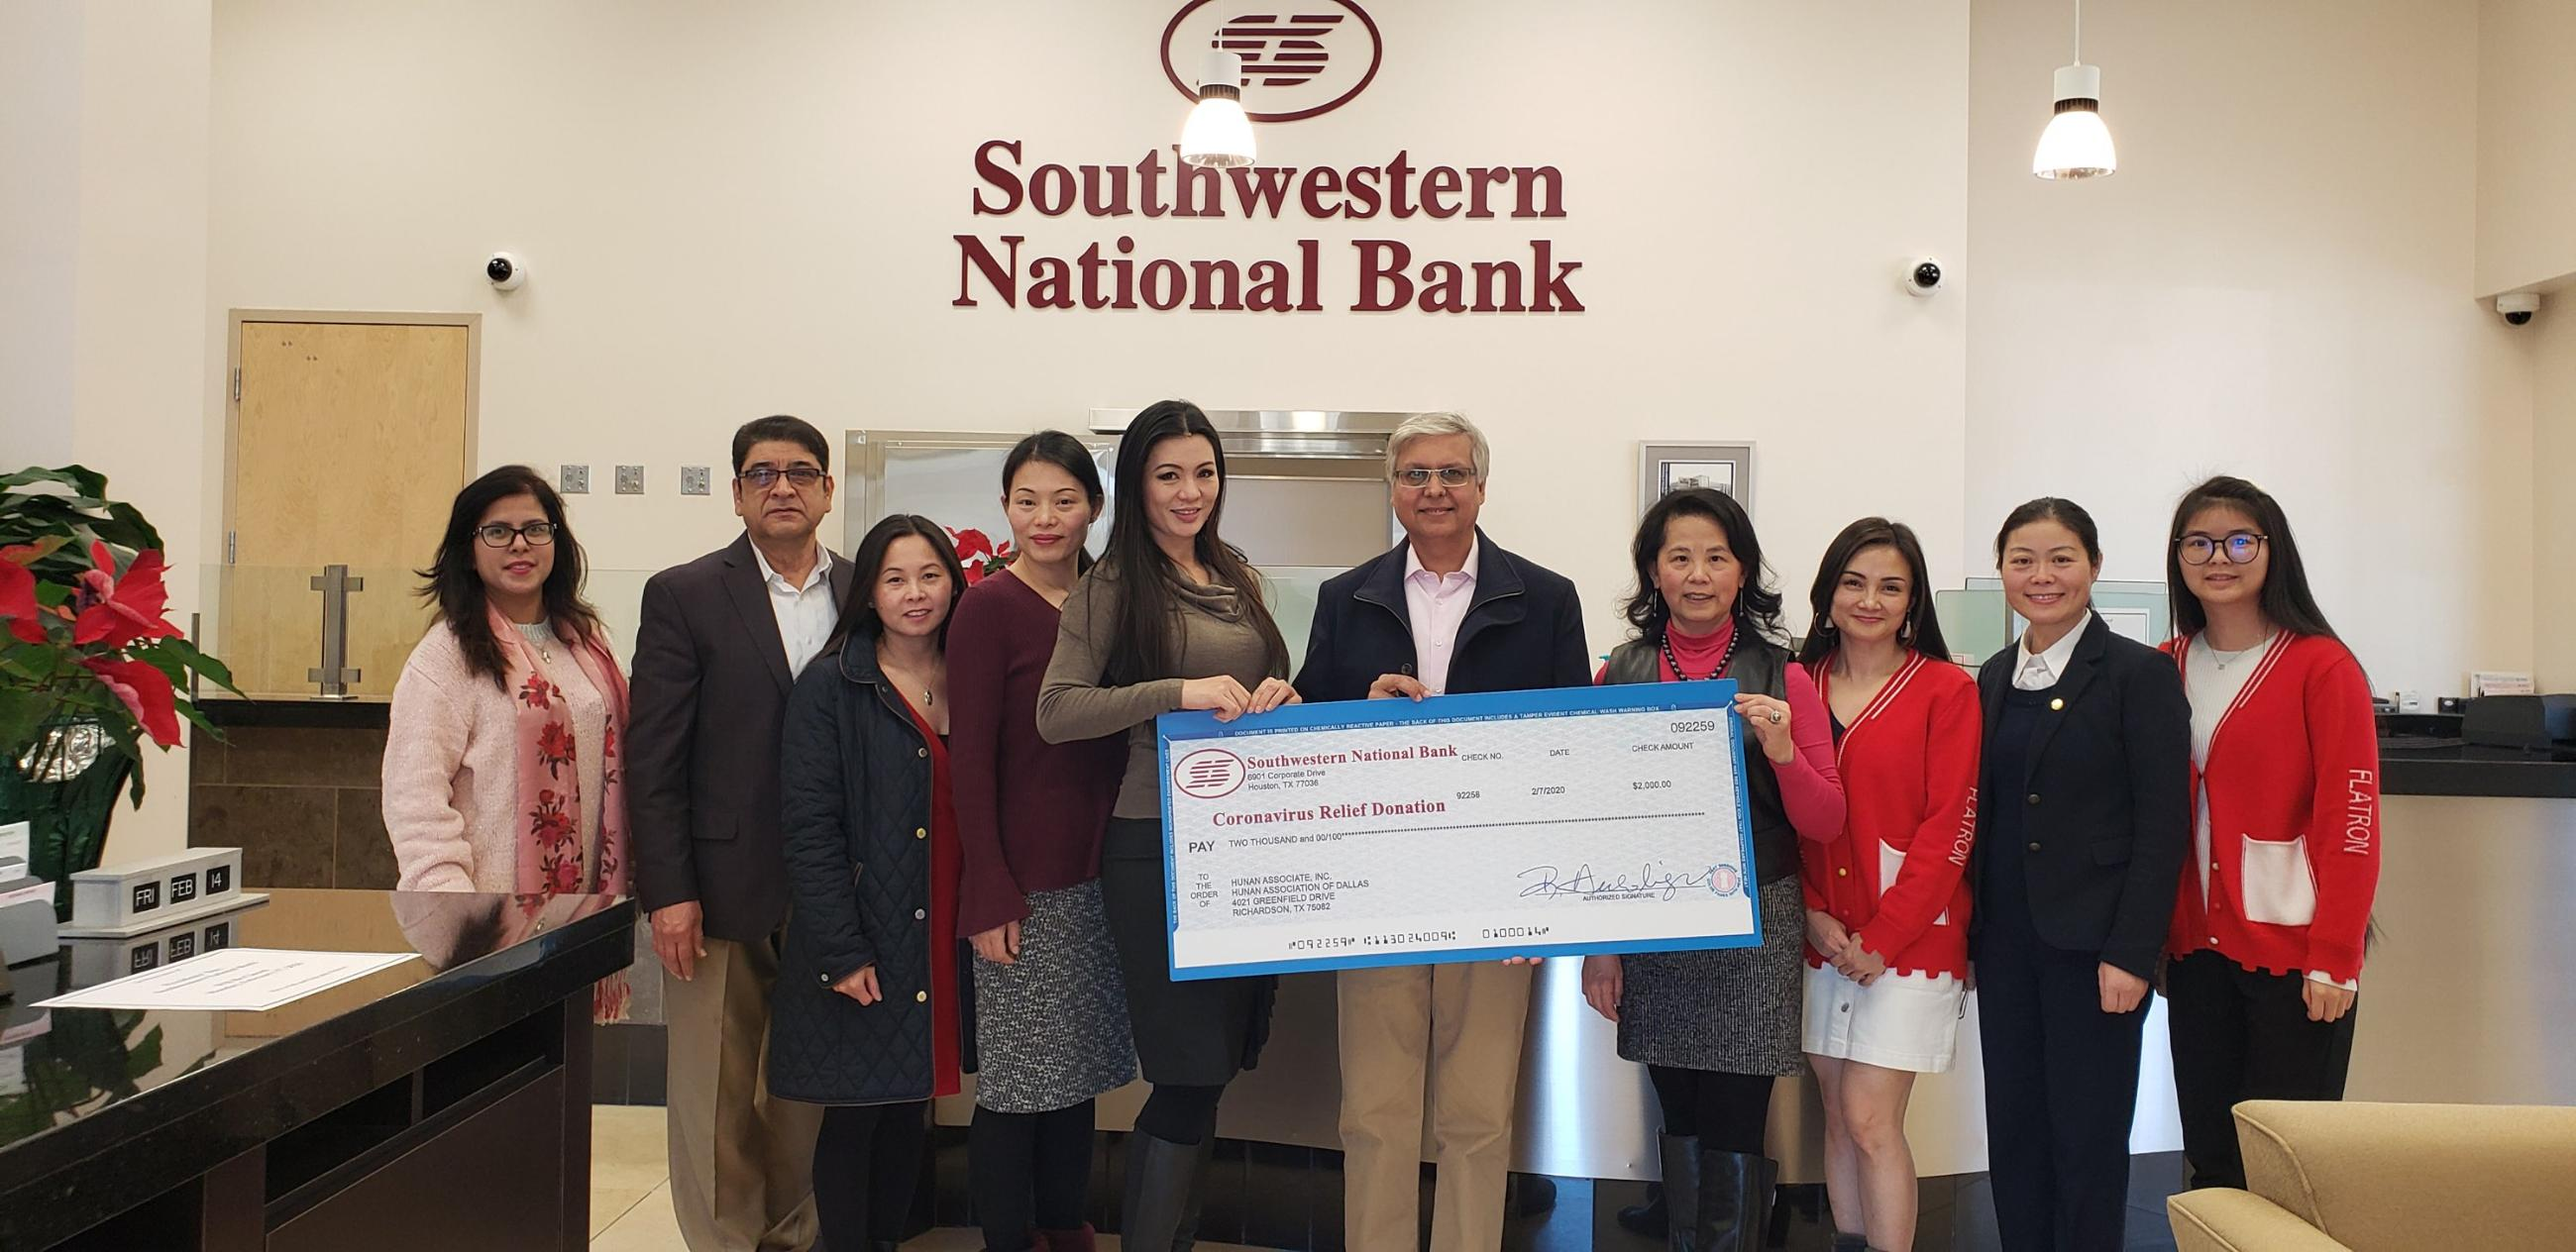 美南銀行總裁Mohammed Younus(右五)和達拉斯地區貸款部經理王海鶯女士(右二)。